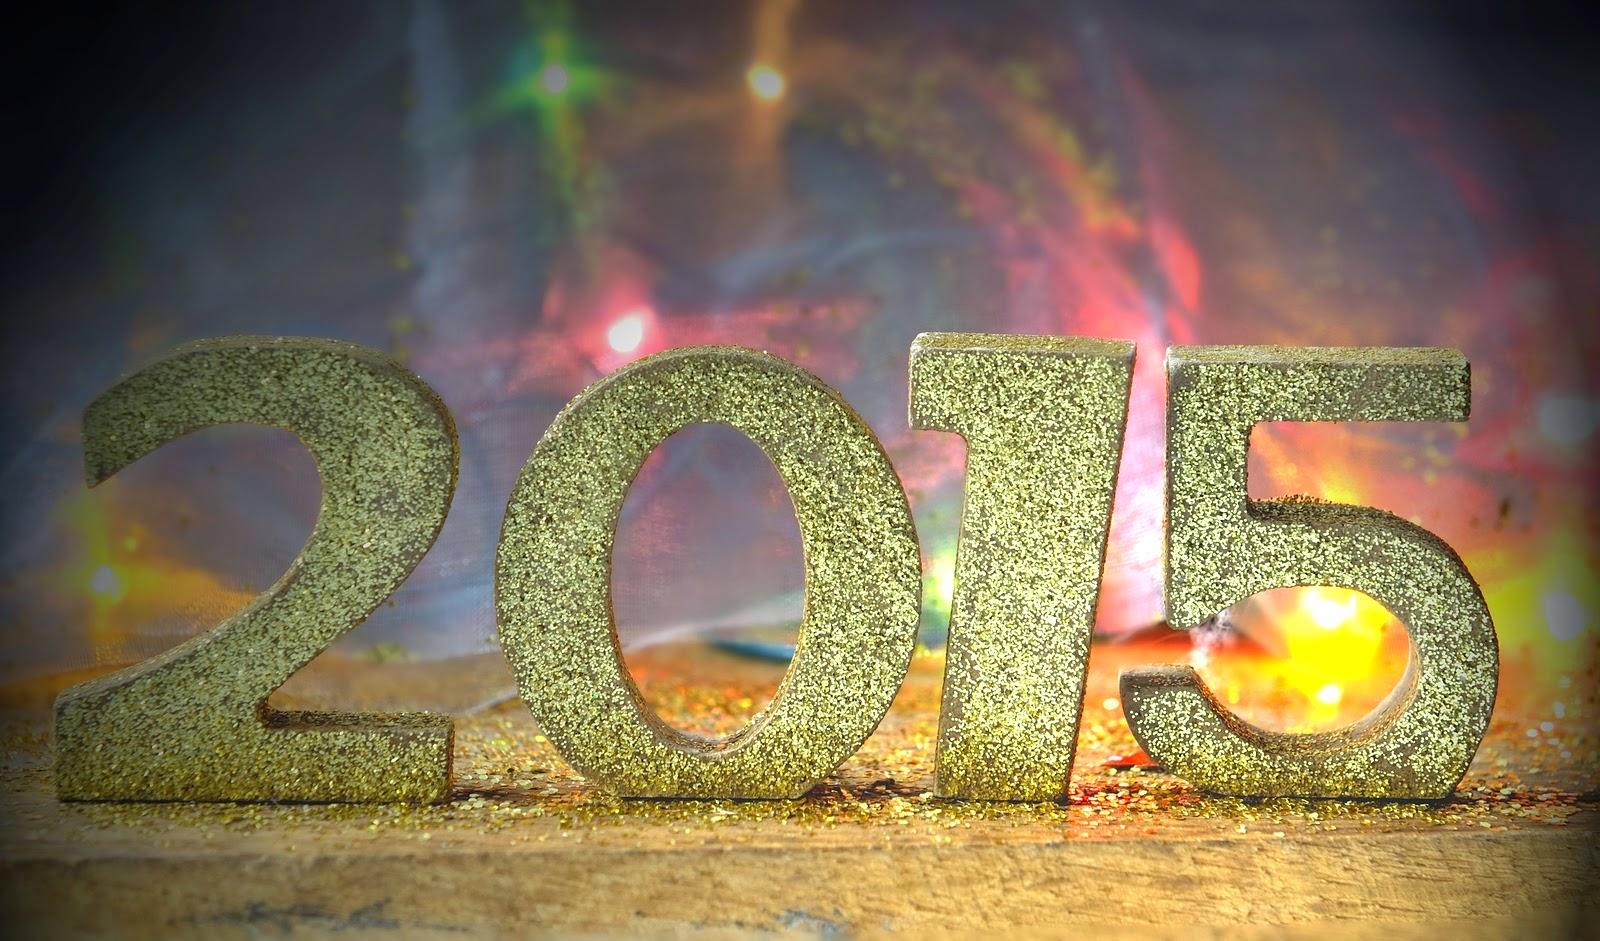 nieuwjaarswensen 2015 ⋆ Kerstwensen